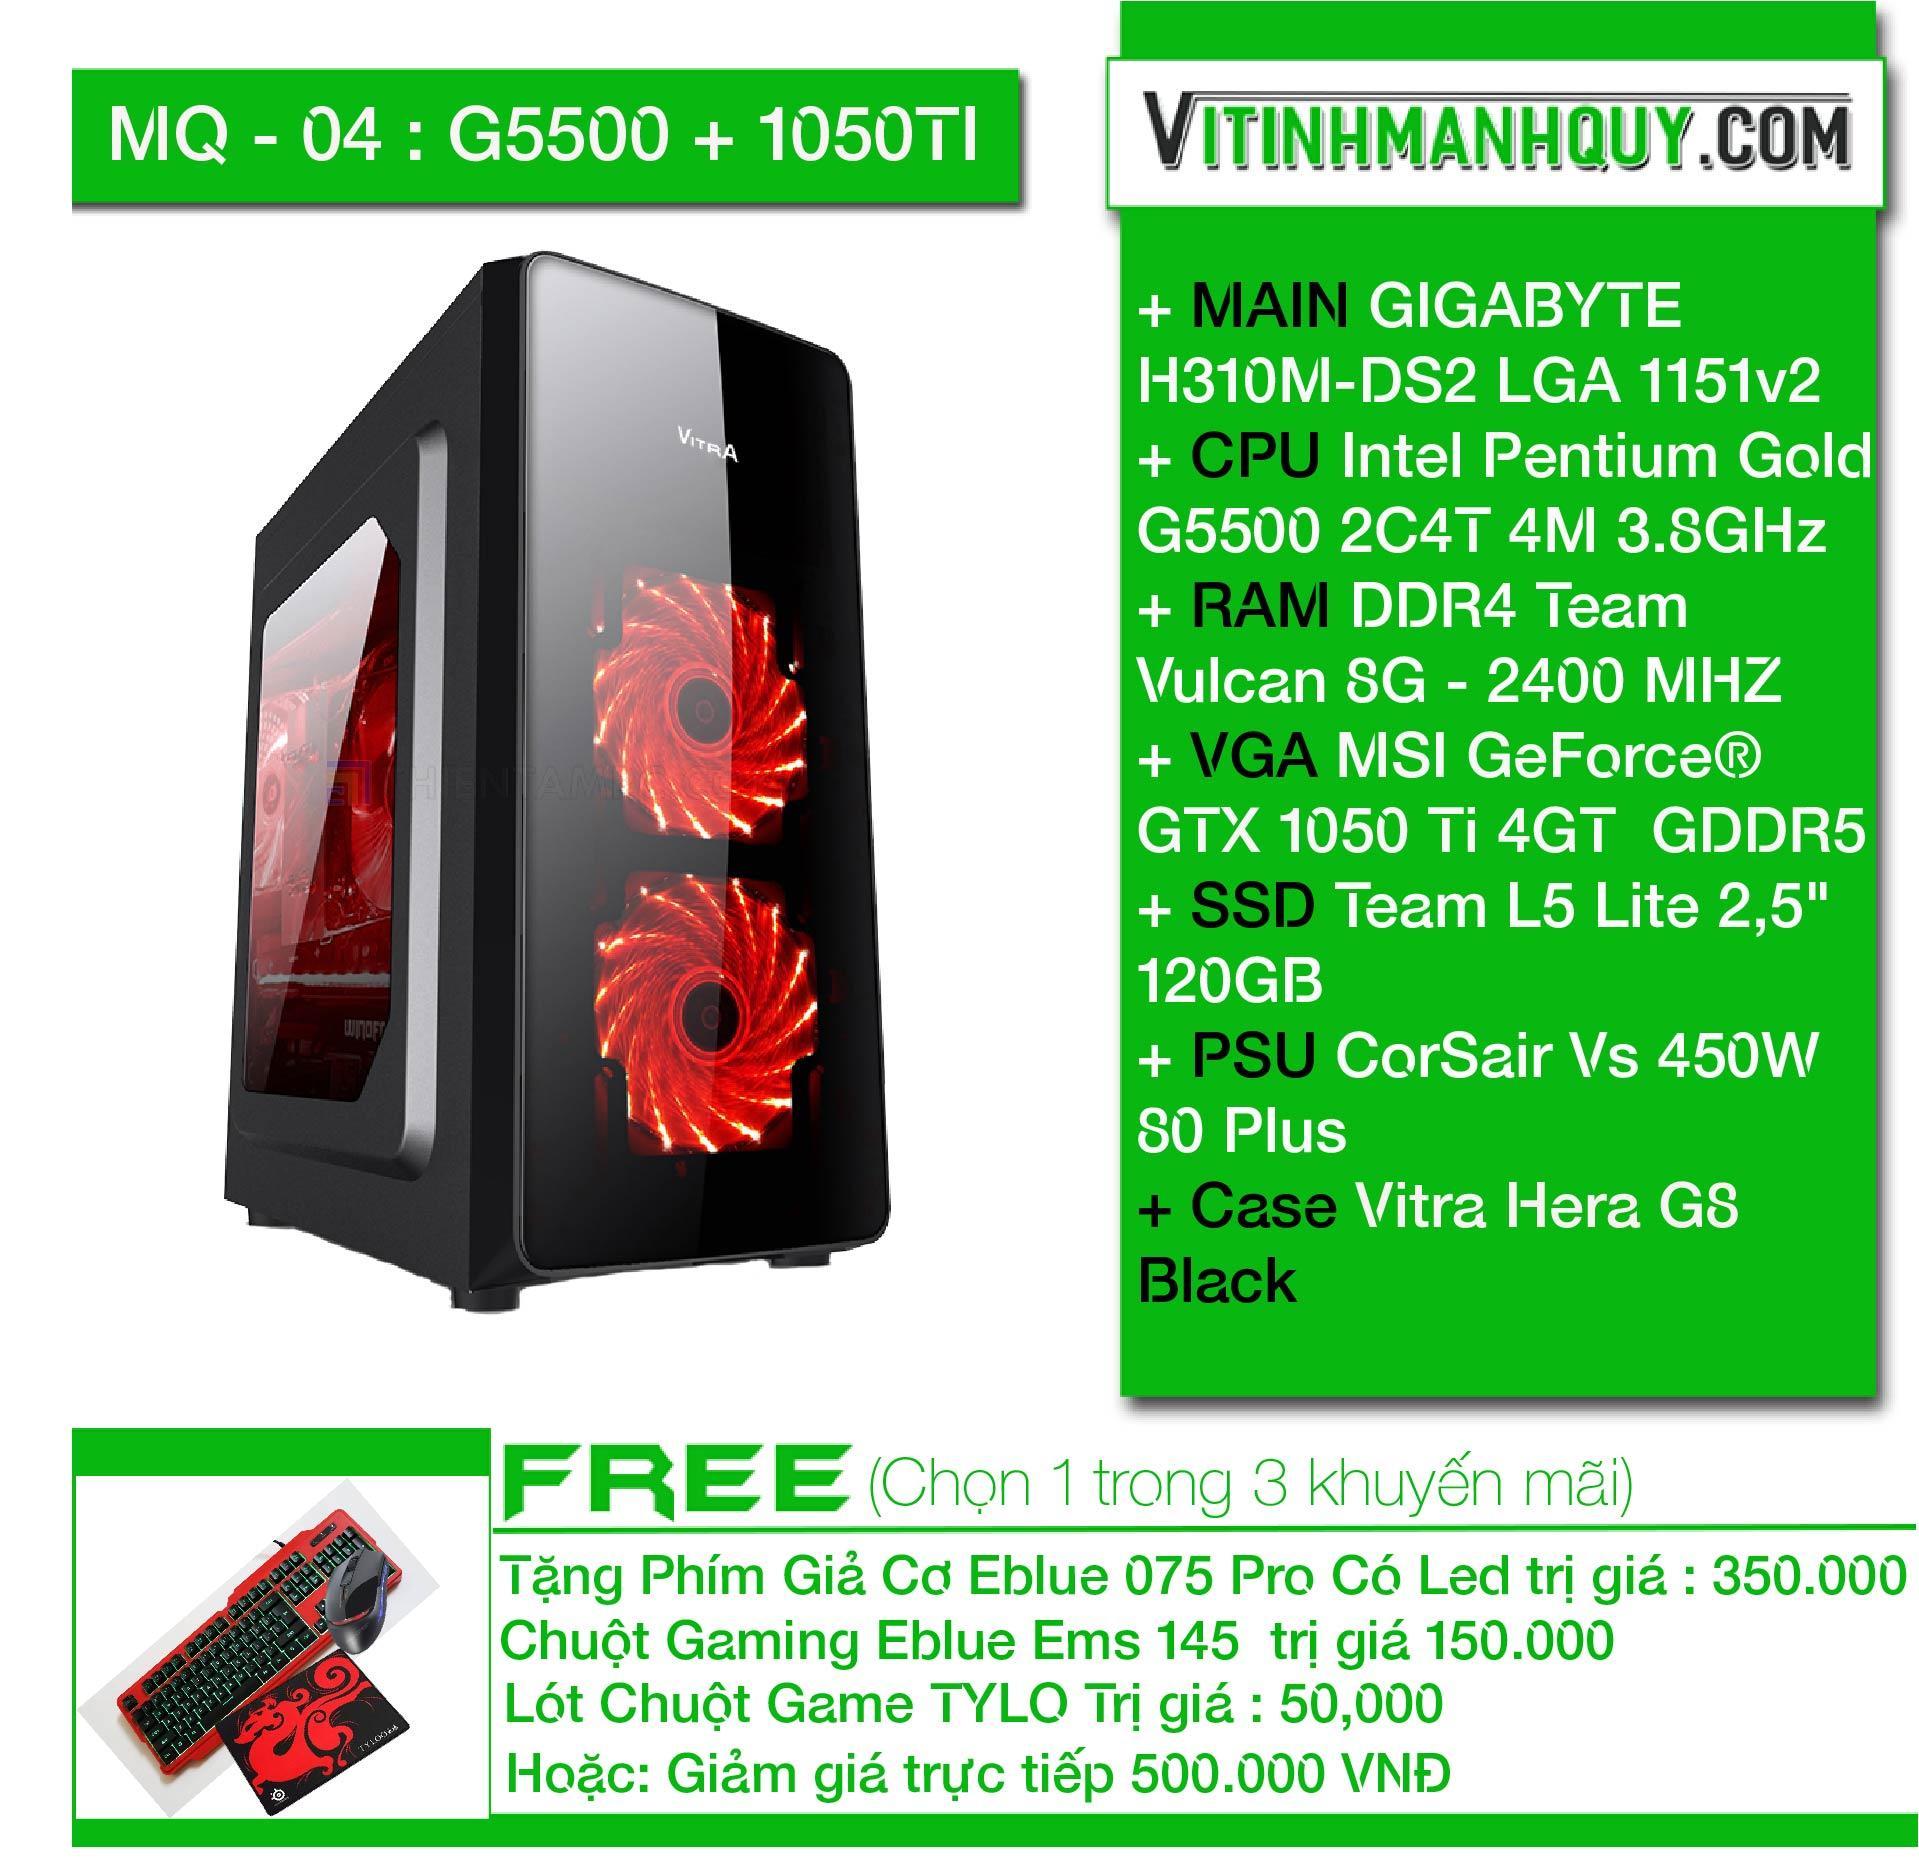 Hình ảnh MQ04G5500+1050TI - May bo HI END chuyen game - CaseVitra Hera G8 Black - DDR4 Team Vulcan 8G - 2400 MHZ - SSD Team L5 Lite 2,5